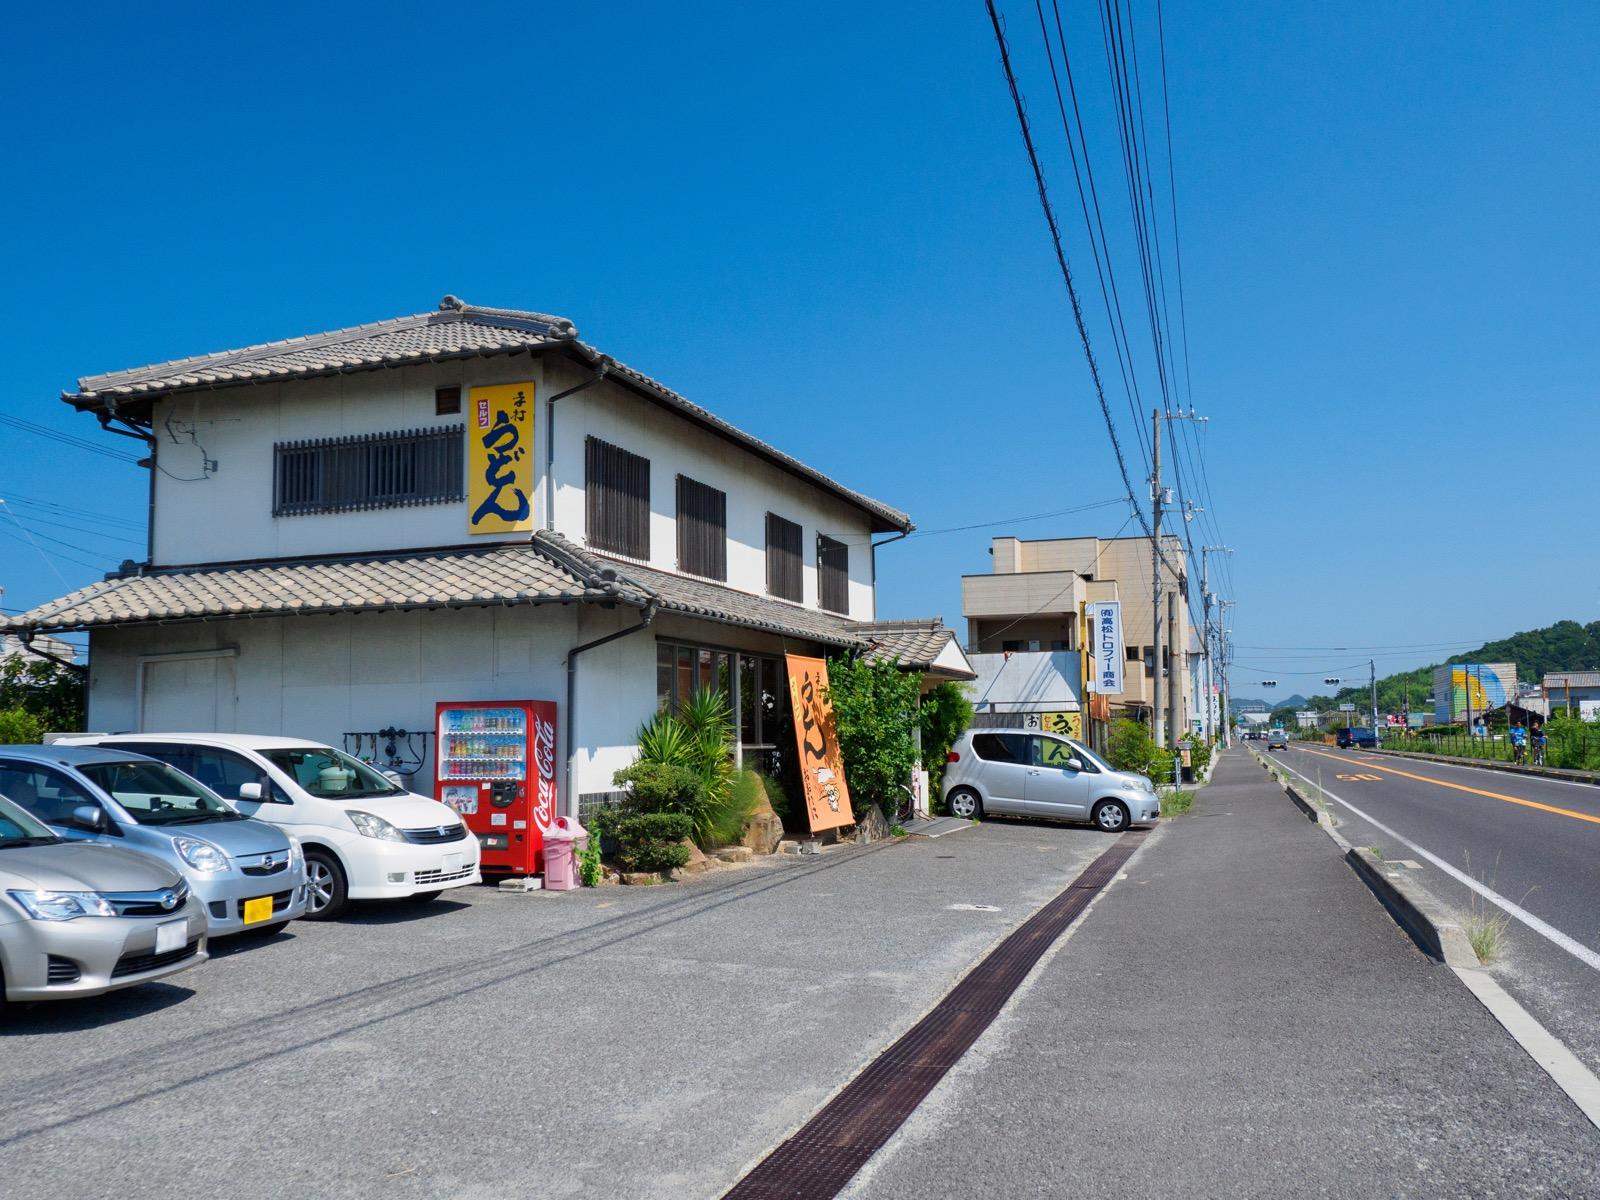 国道11号線沿いにある大谷製麺所